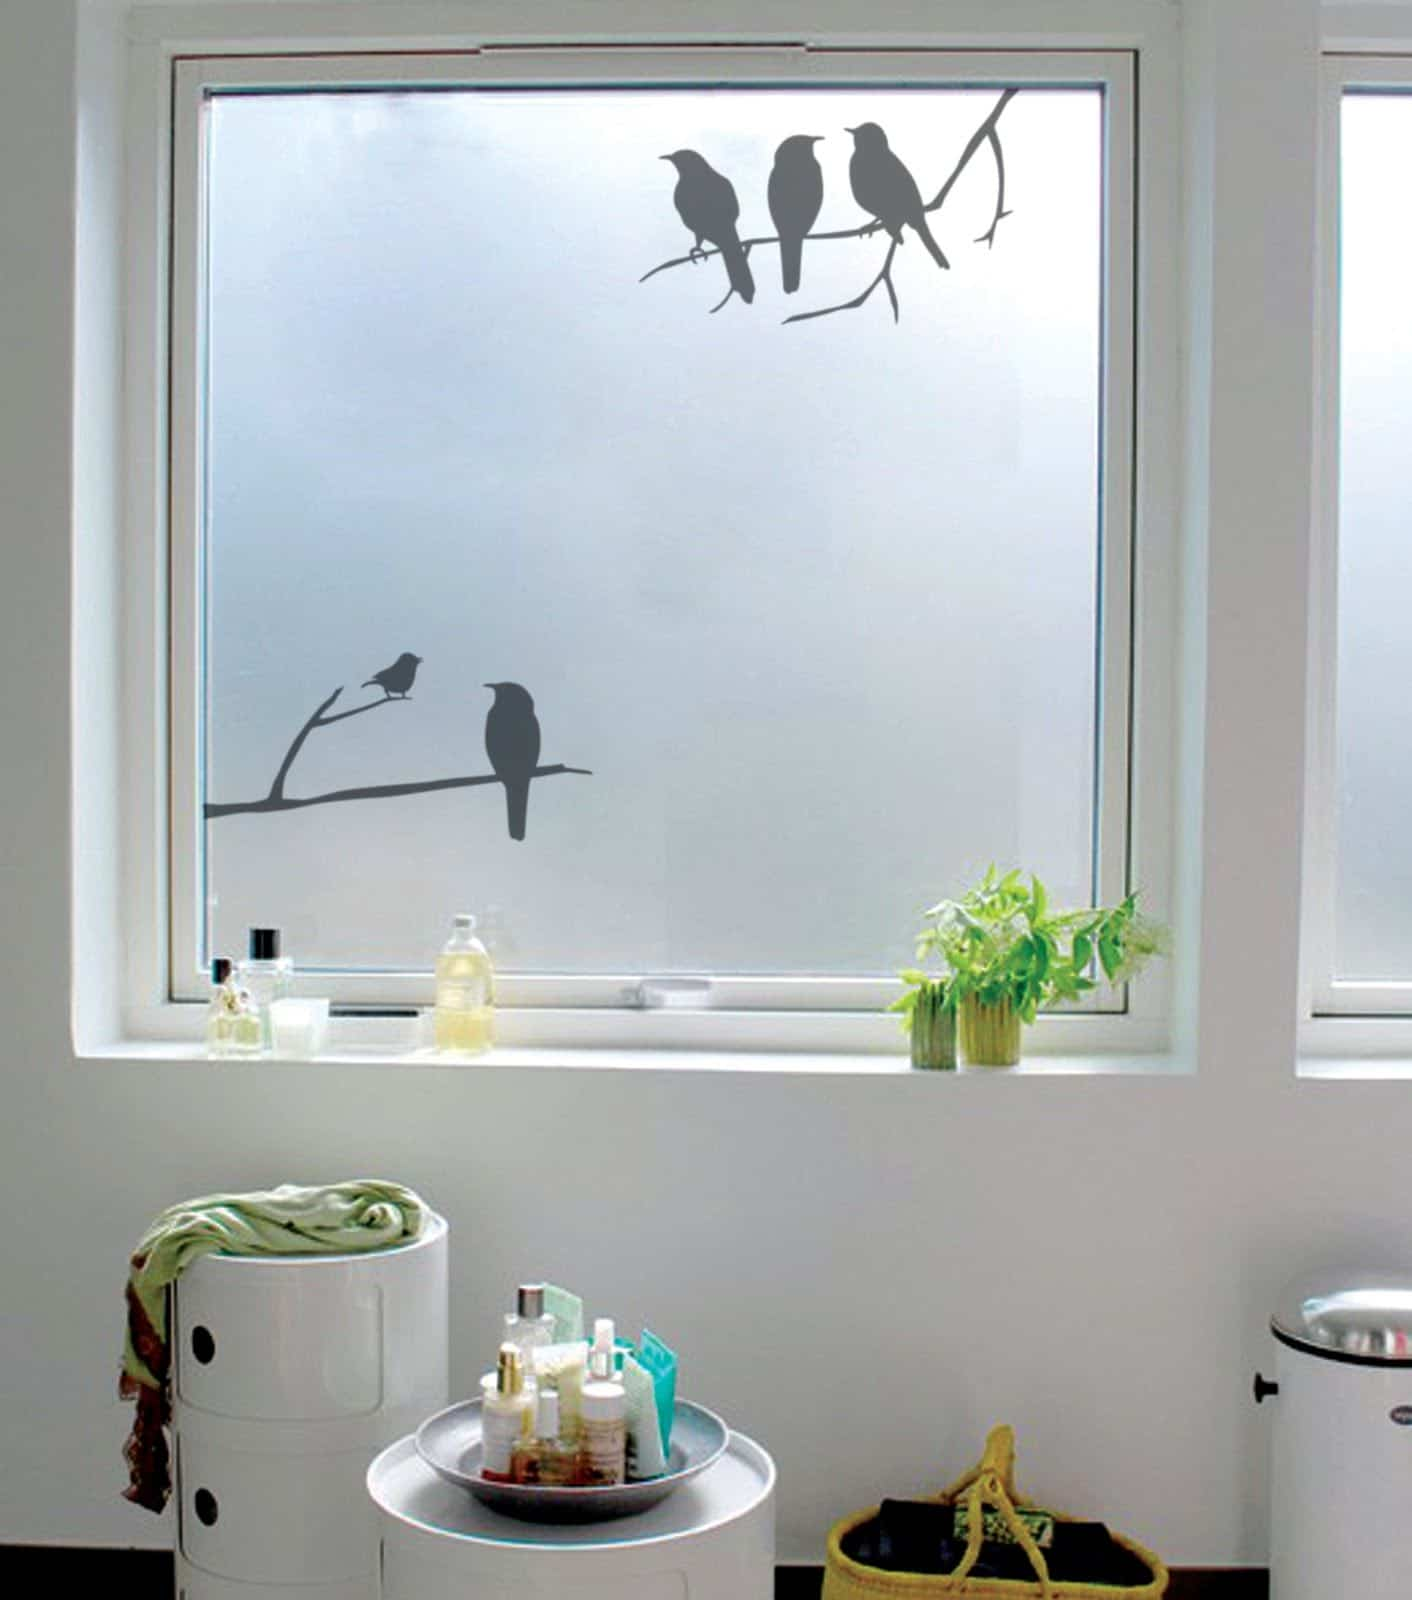 Vinilos o cristales decorativos para ventanas con celos - Cristales para paredes ...